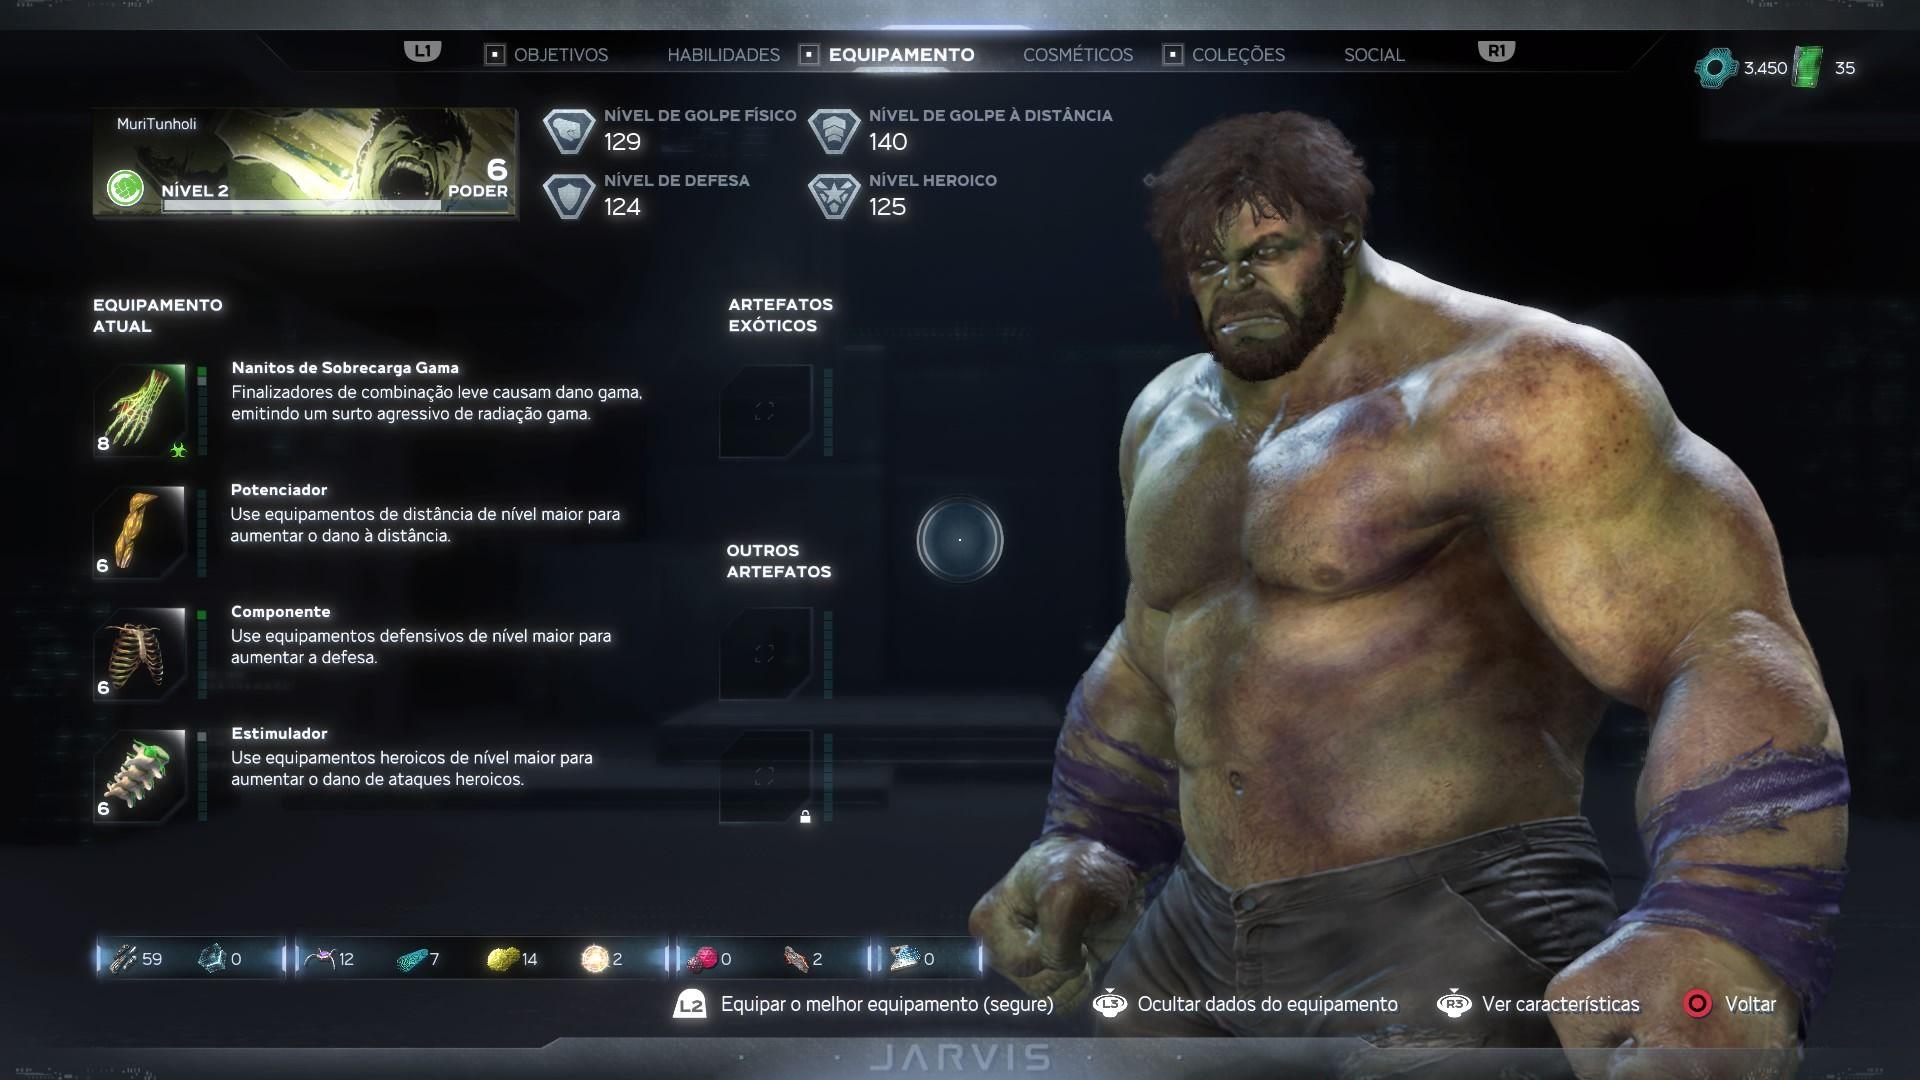 Marvel's Avengers tem sistema de customização de habilidade e equipamentos. (Foto: Murilo Tunholi/Zoom)